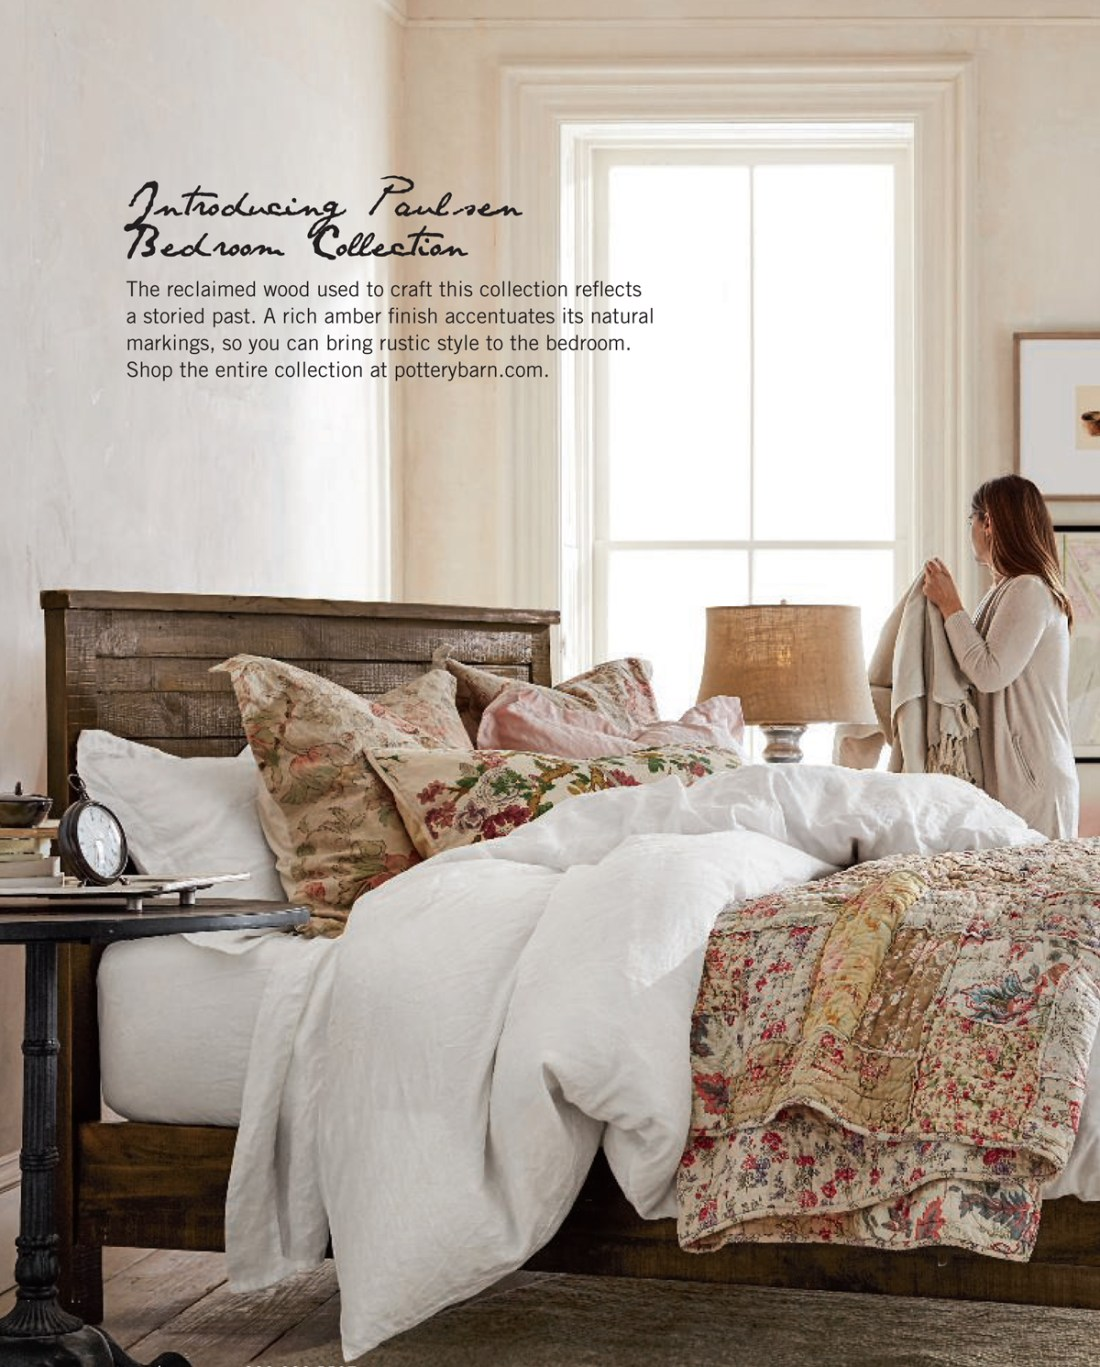 Artisanal Vintage Bedding